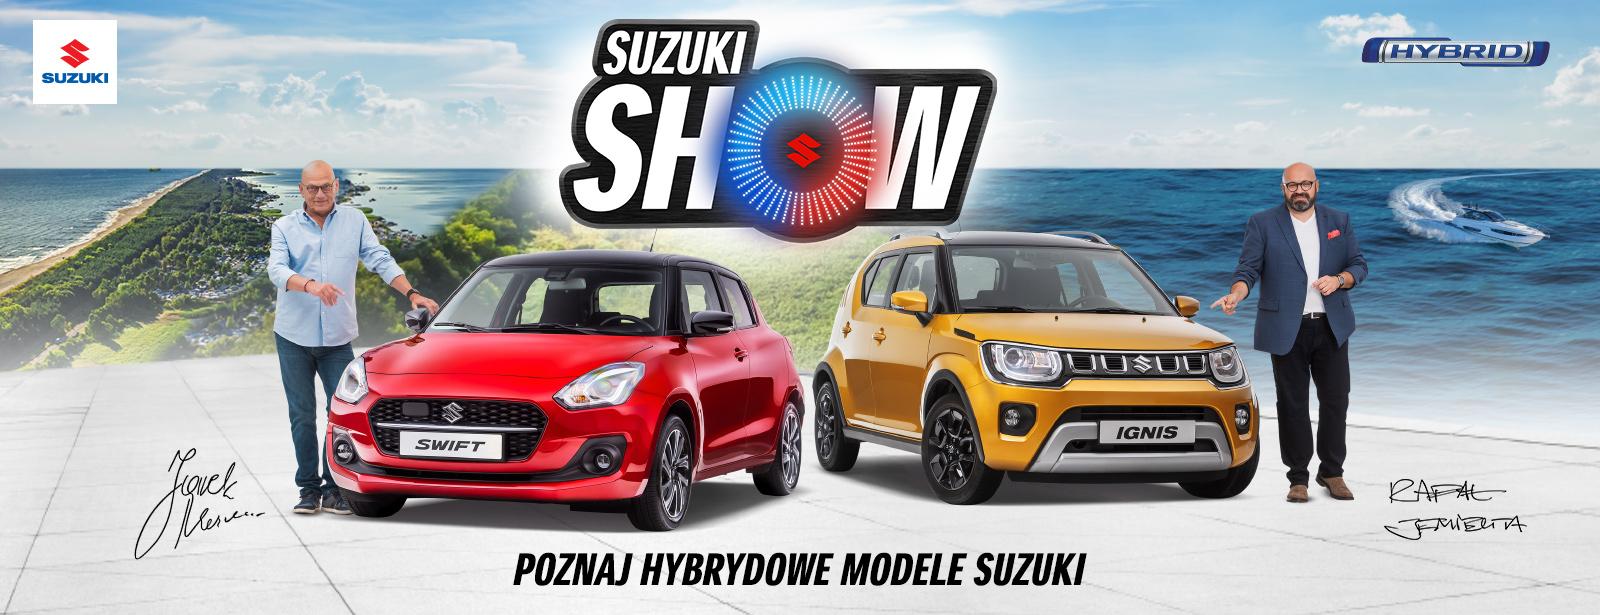 Suzuki Show Jarek Maznas oraz Rafał Jemielit w obecności Suzuki Swift oraz Ignis